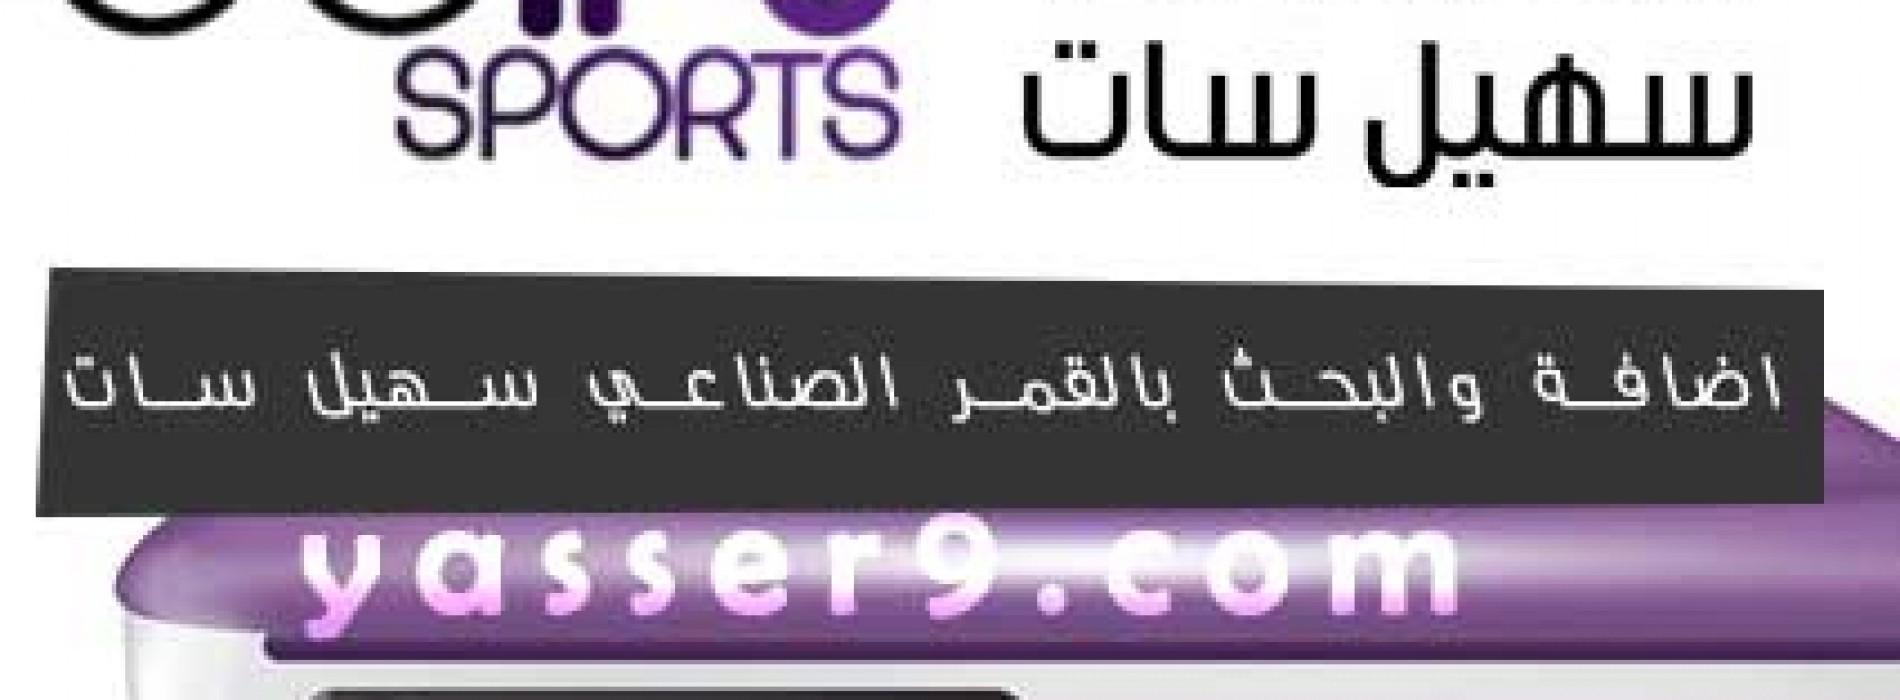 قمر سهيل سات القطري وكيف تضيفه لو ماكان موجود بالرسيفر